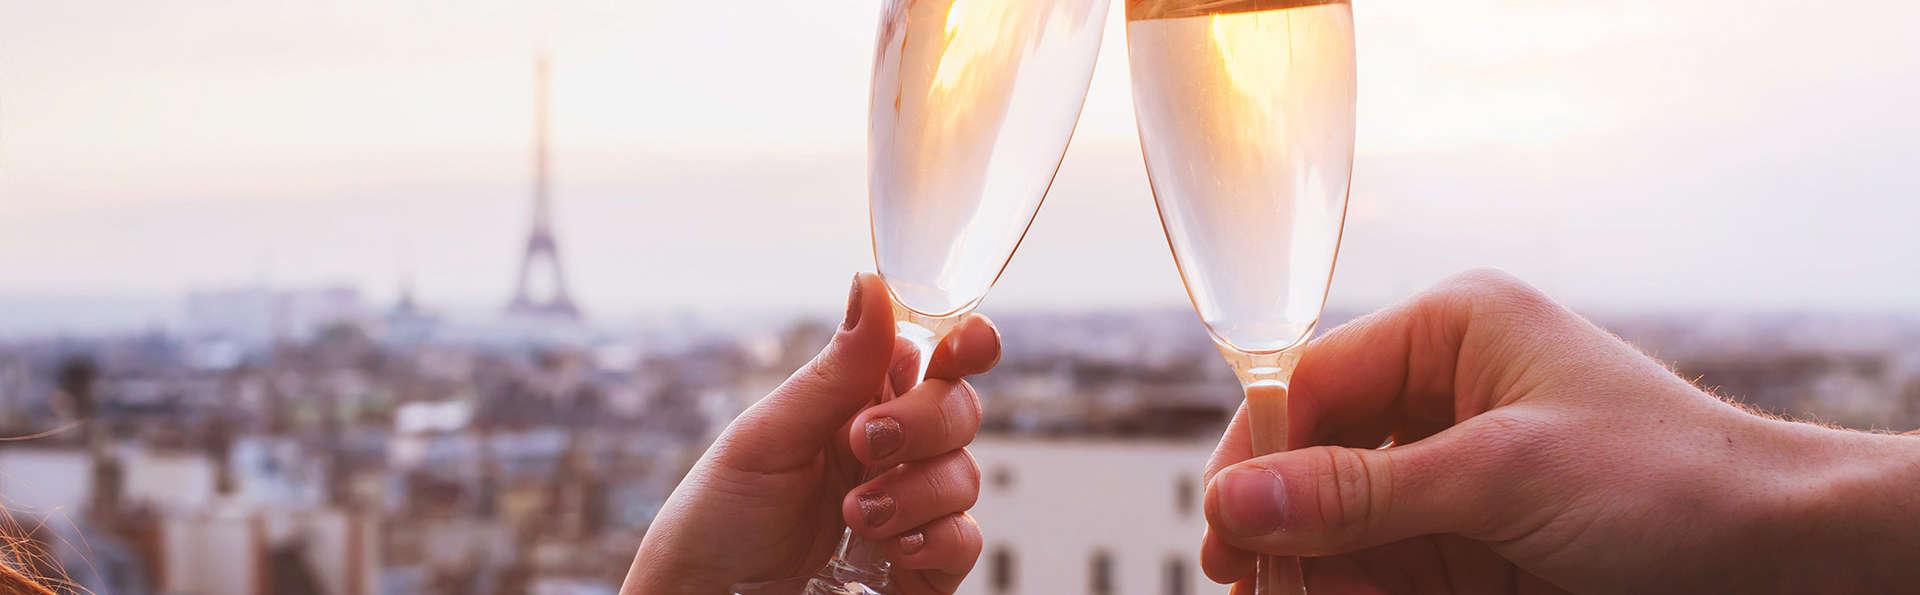 Romantisme avec champagne au pied de l'Arc de Triomphe